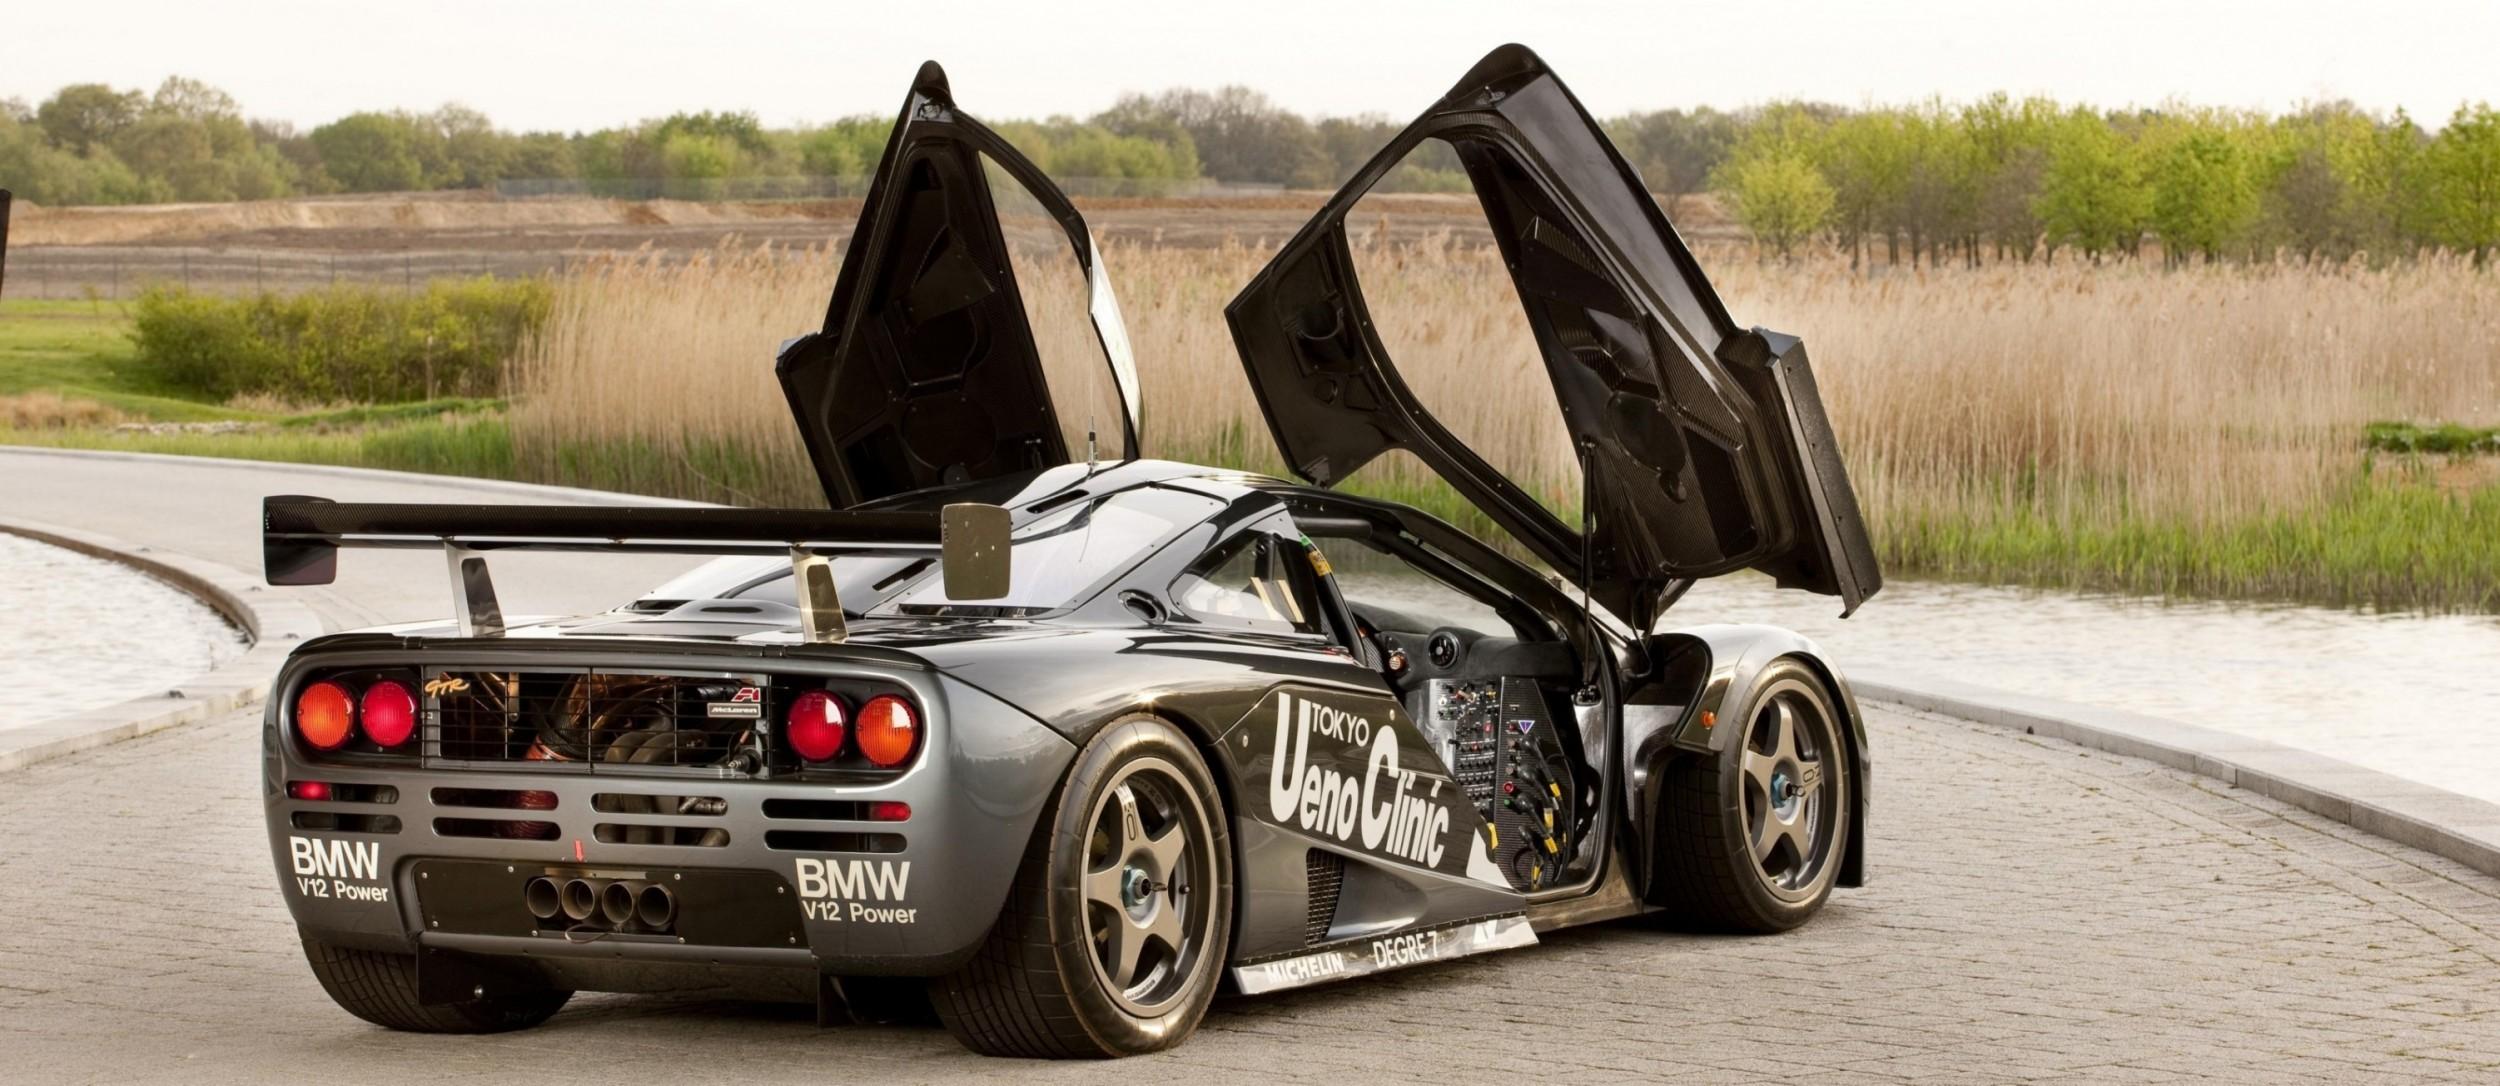 carrevsdaily - supercar legends - mclaren f1 wallpaper 23